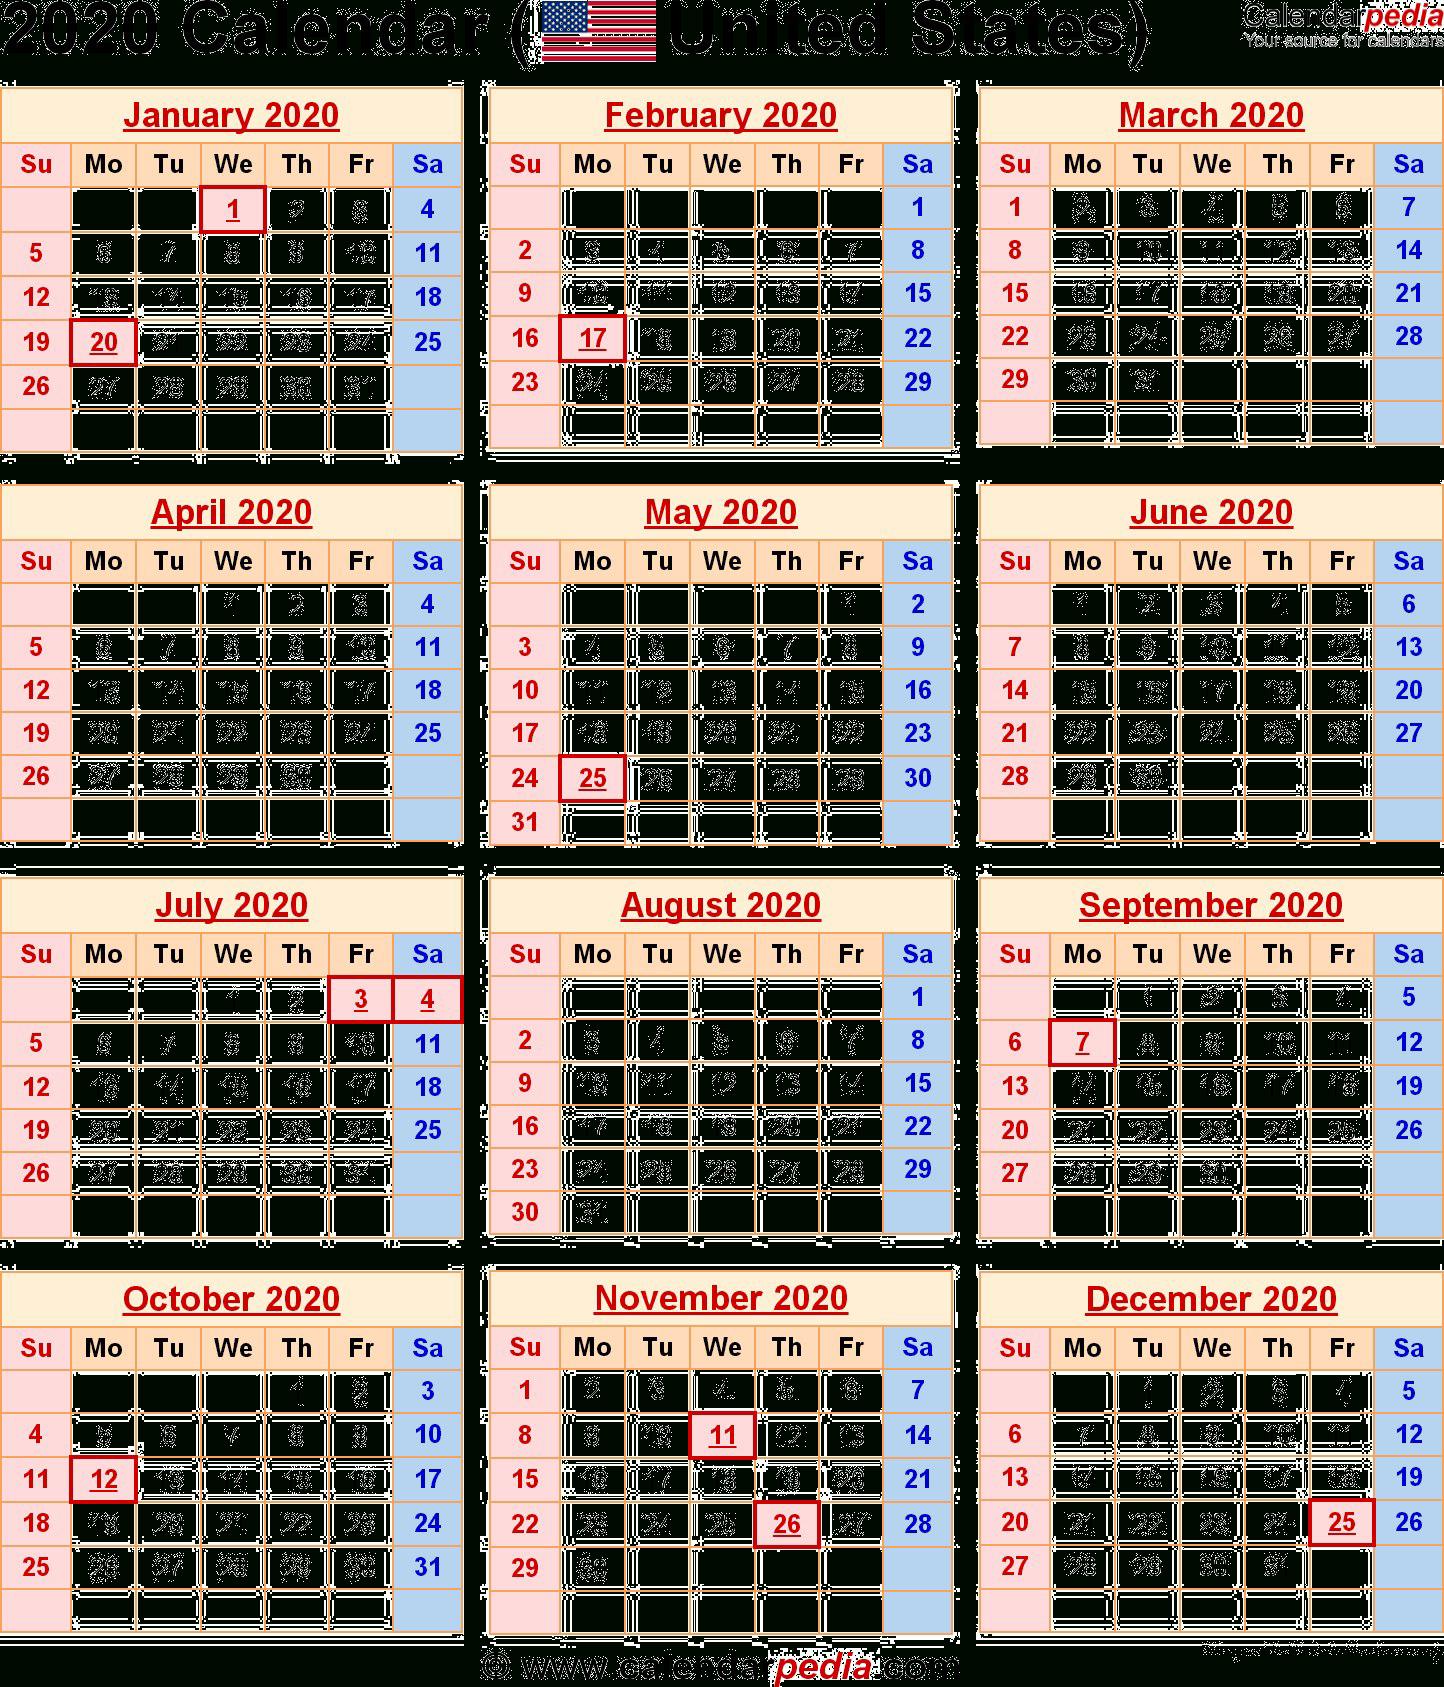 2020 Calendar Png Transparent Images | Png All intended for Bihar Goverment Calender 2020